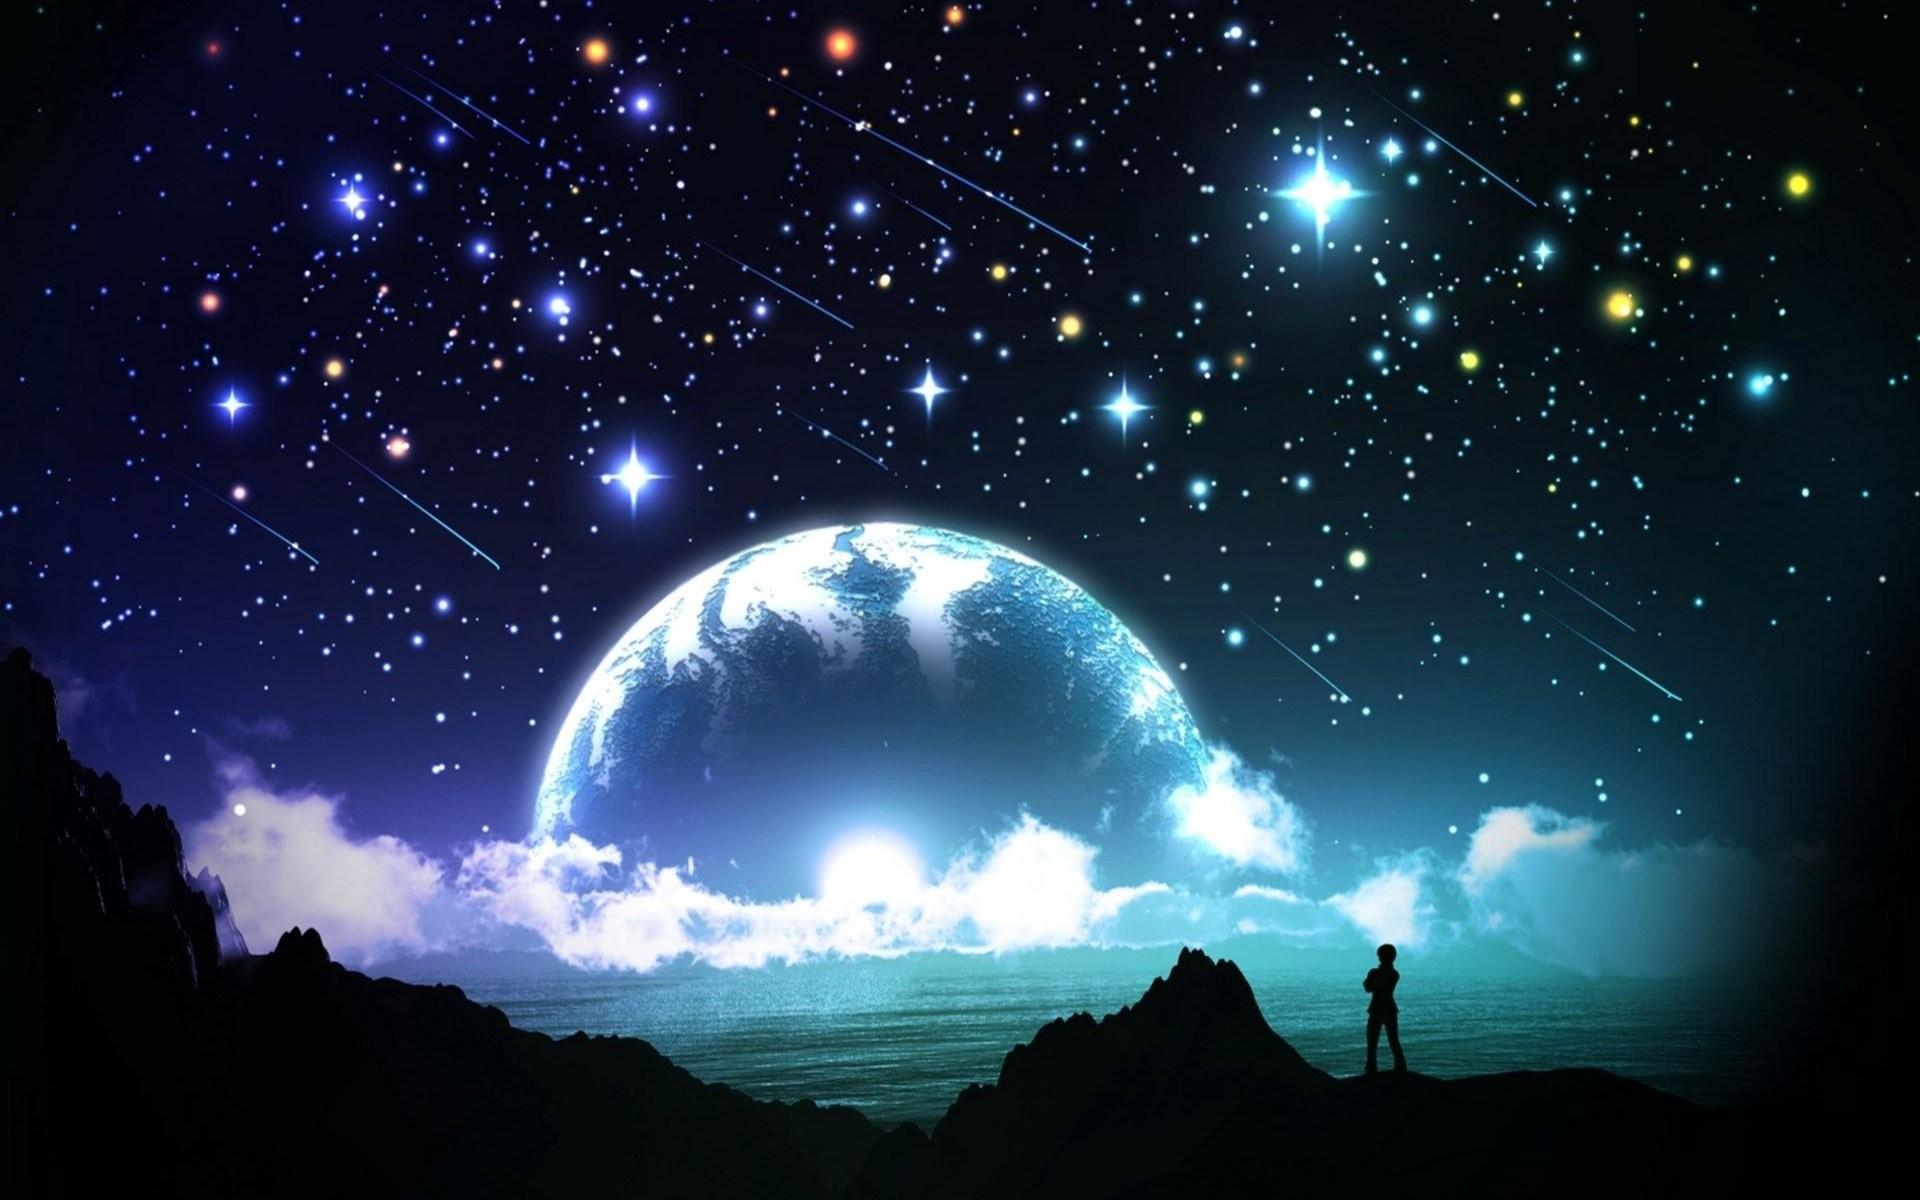 https://www.walldevil.com/wallpapers/a88/night-sky-star-moon-cloud-sea-ocean.jpg    Twinkle Twinkle…   Pinterest   Wallpaper